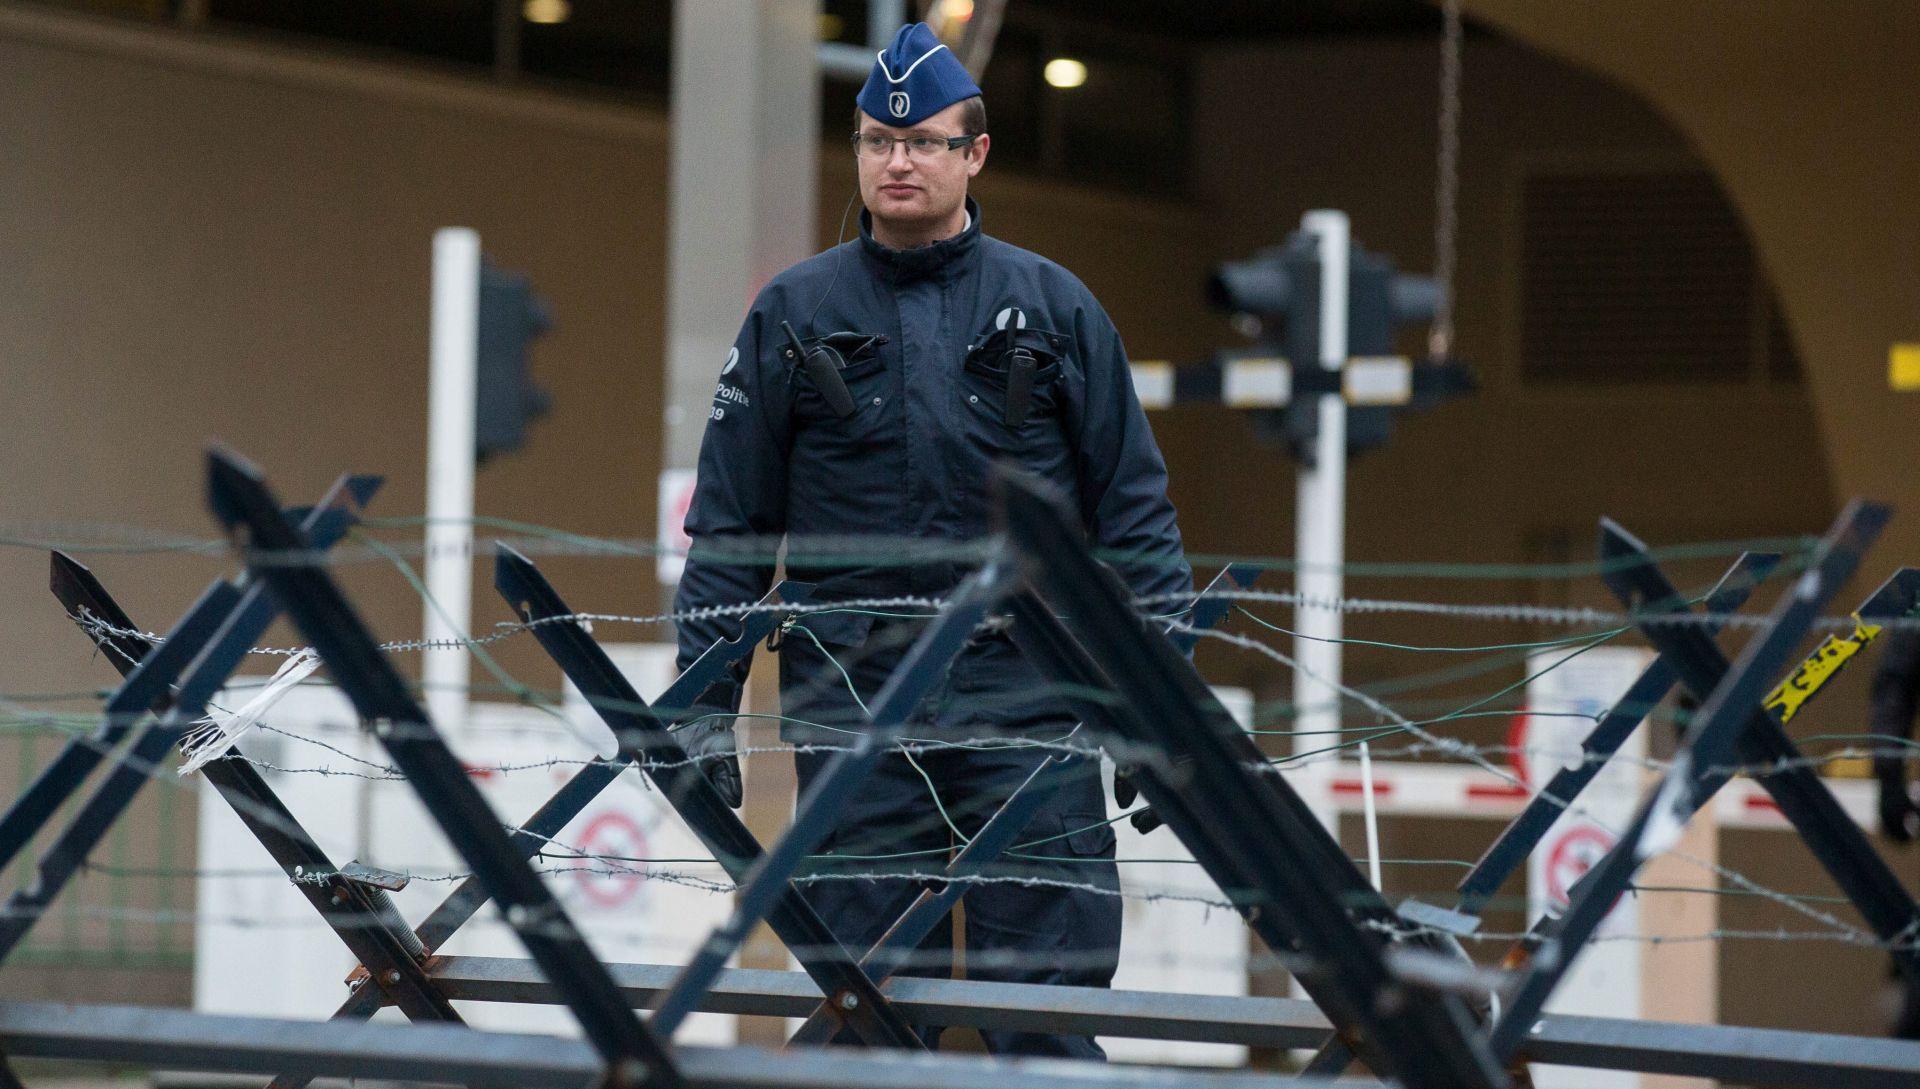 Zbog prijetnje bombom zatvoren granični prijelaz između Kanade i SAD-a